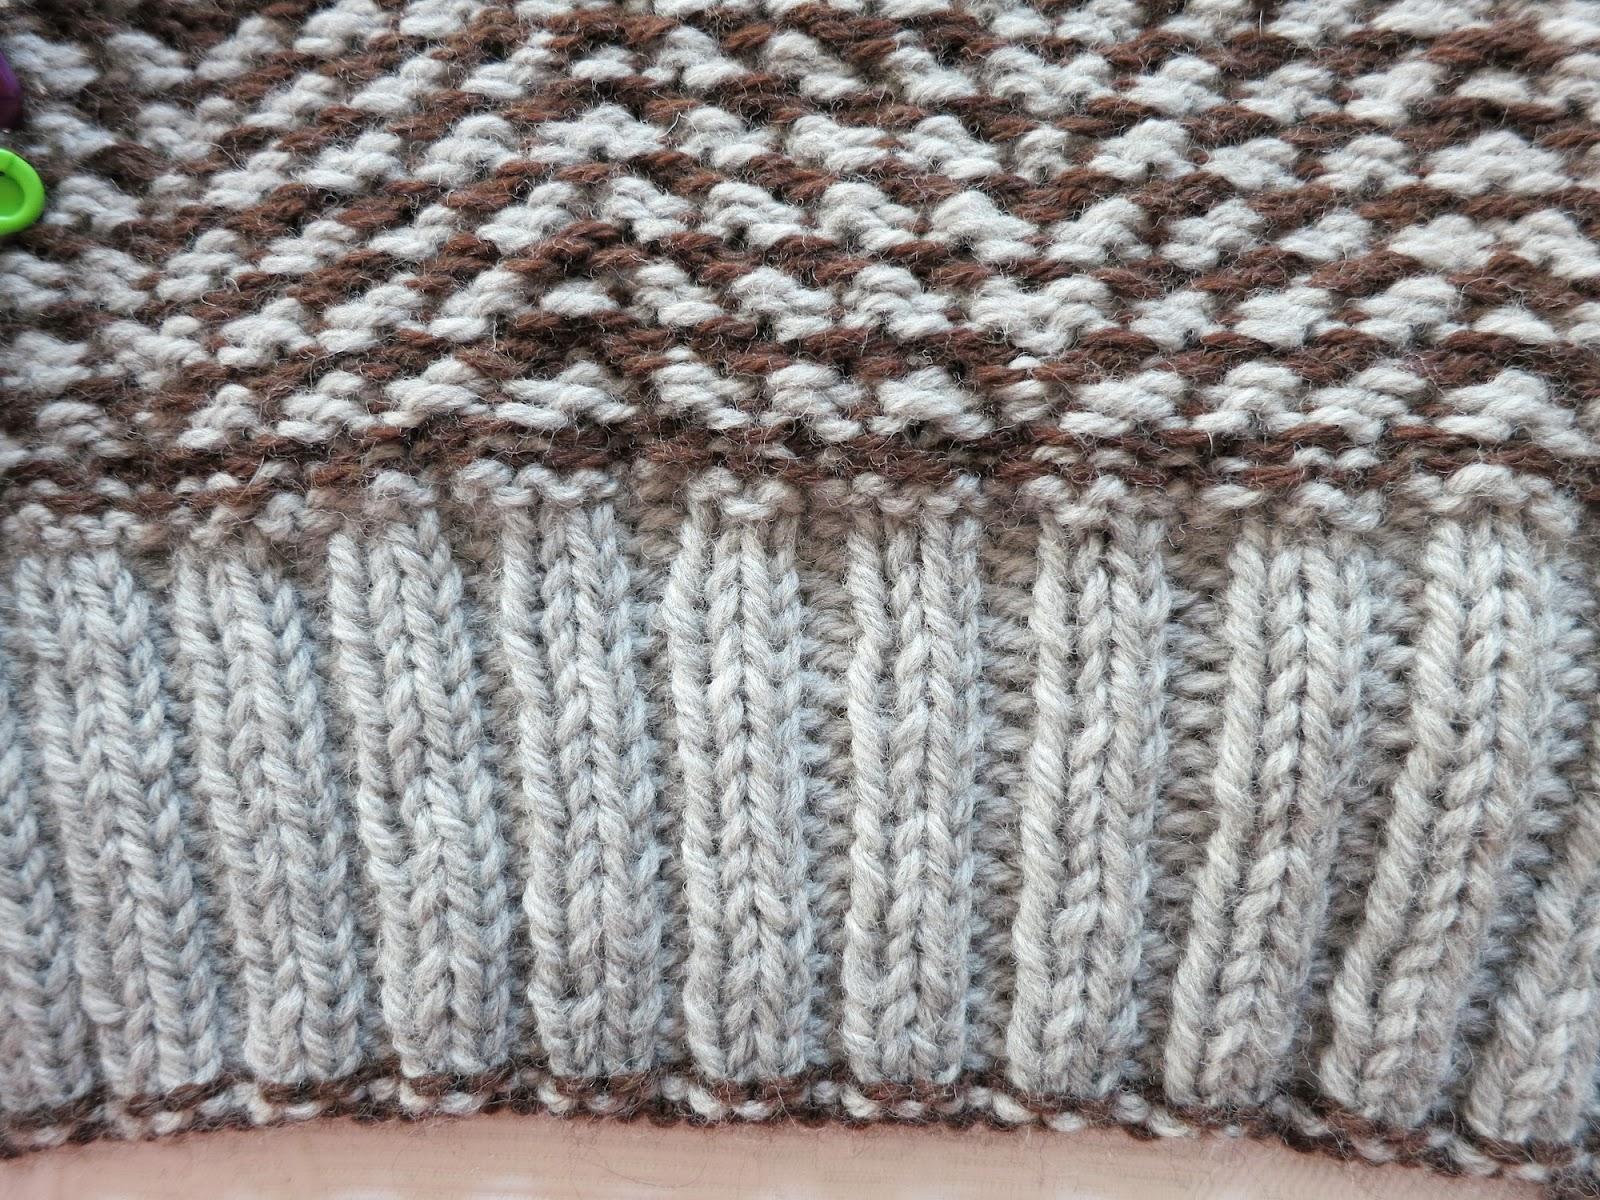 Mosaic Knitting : Chocolate à chuva on mosaic knitting